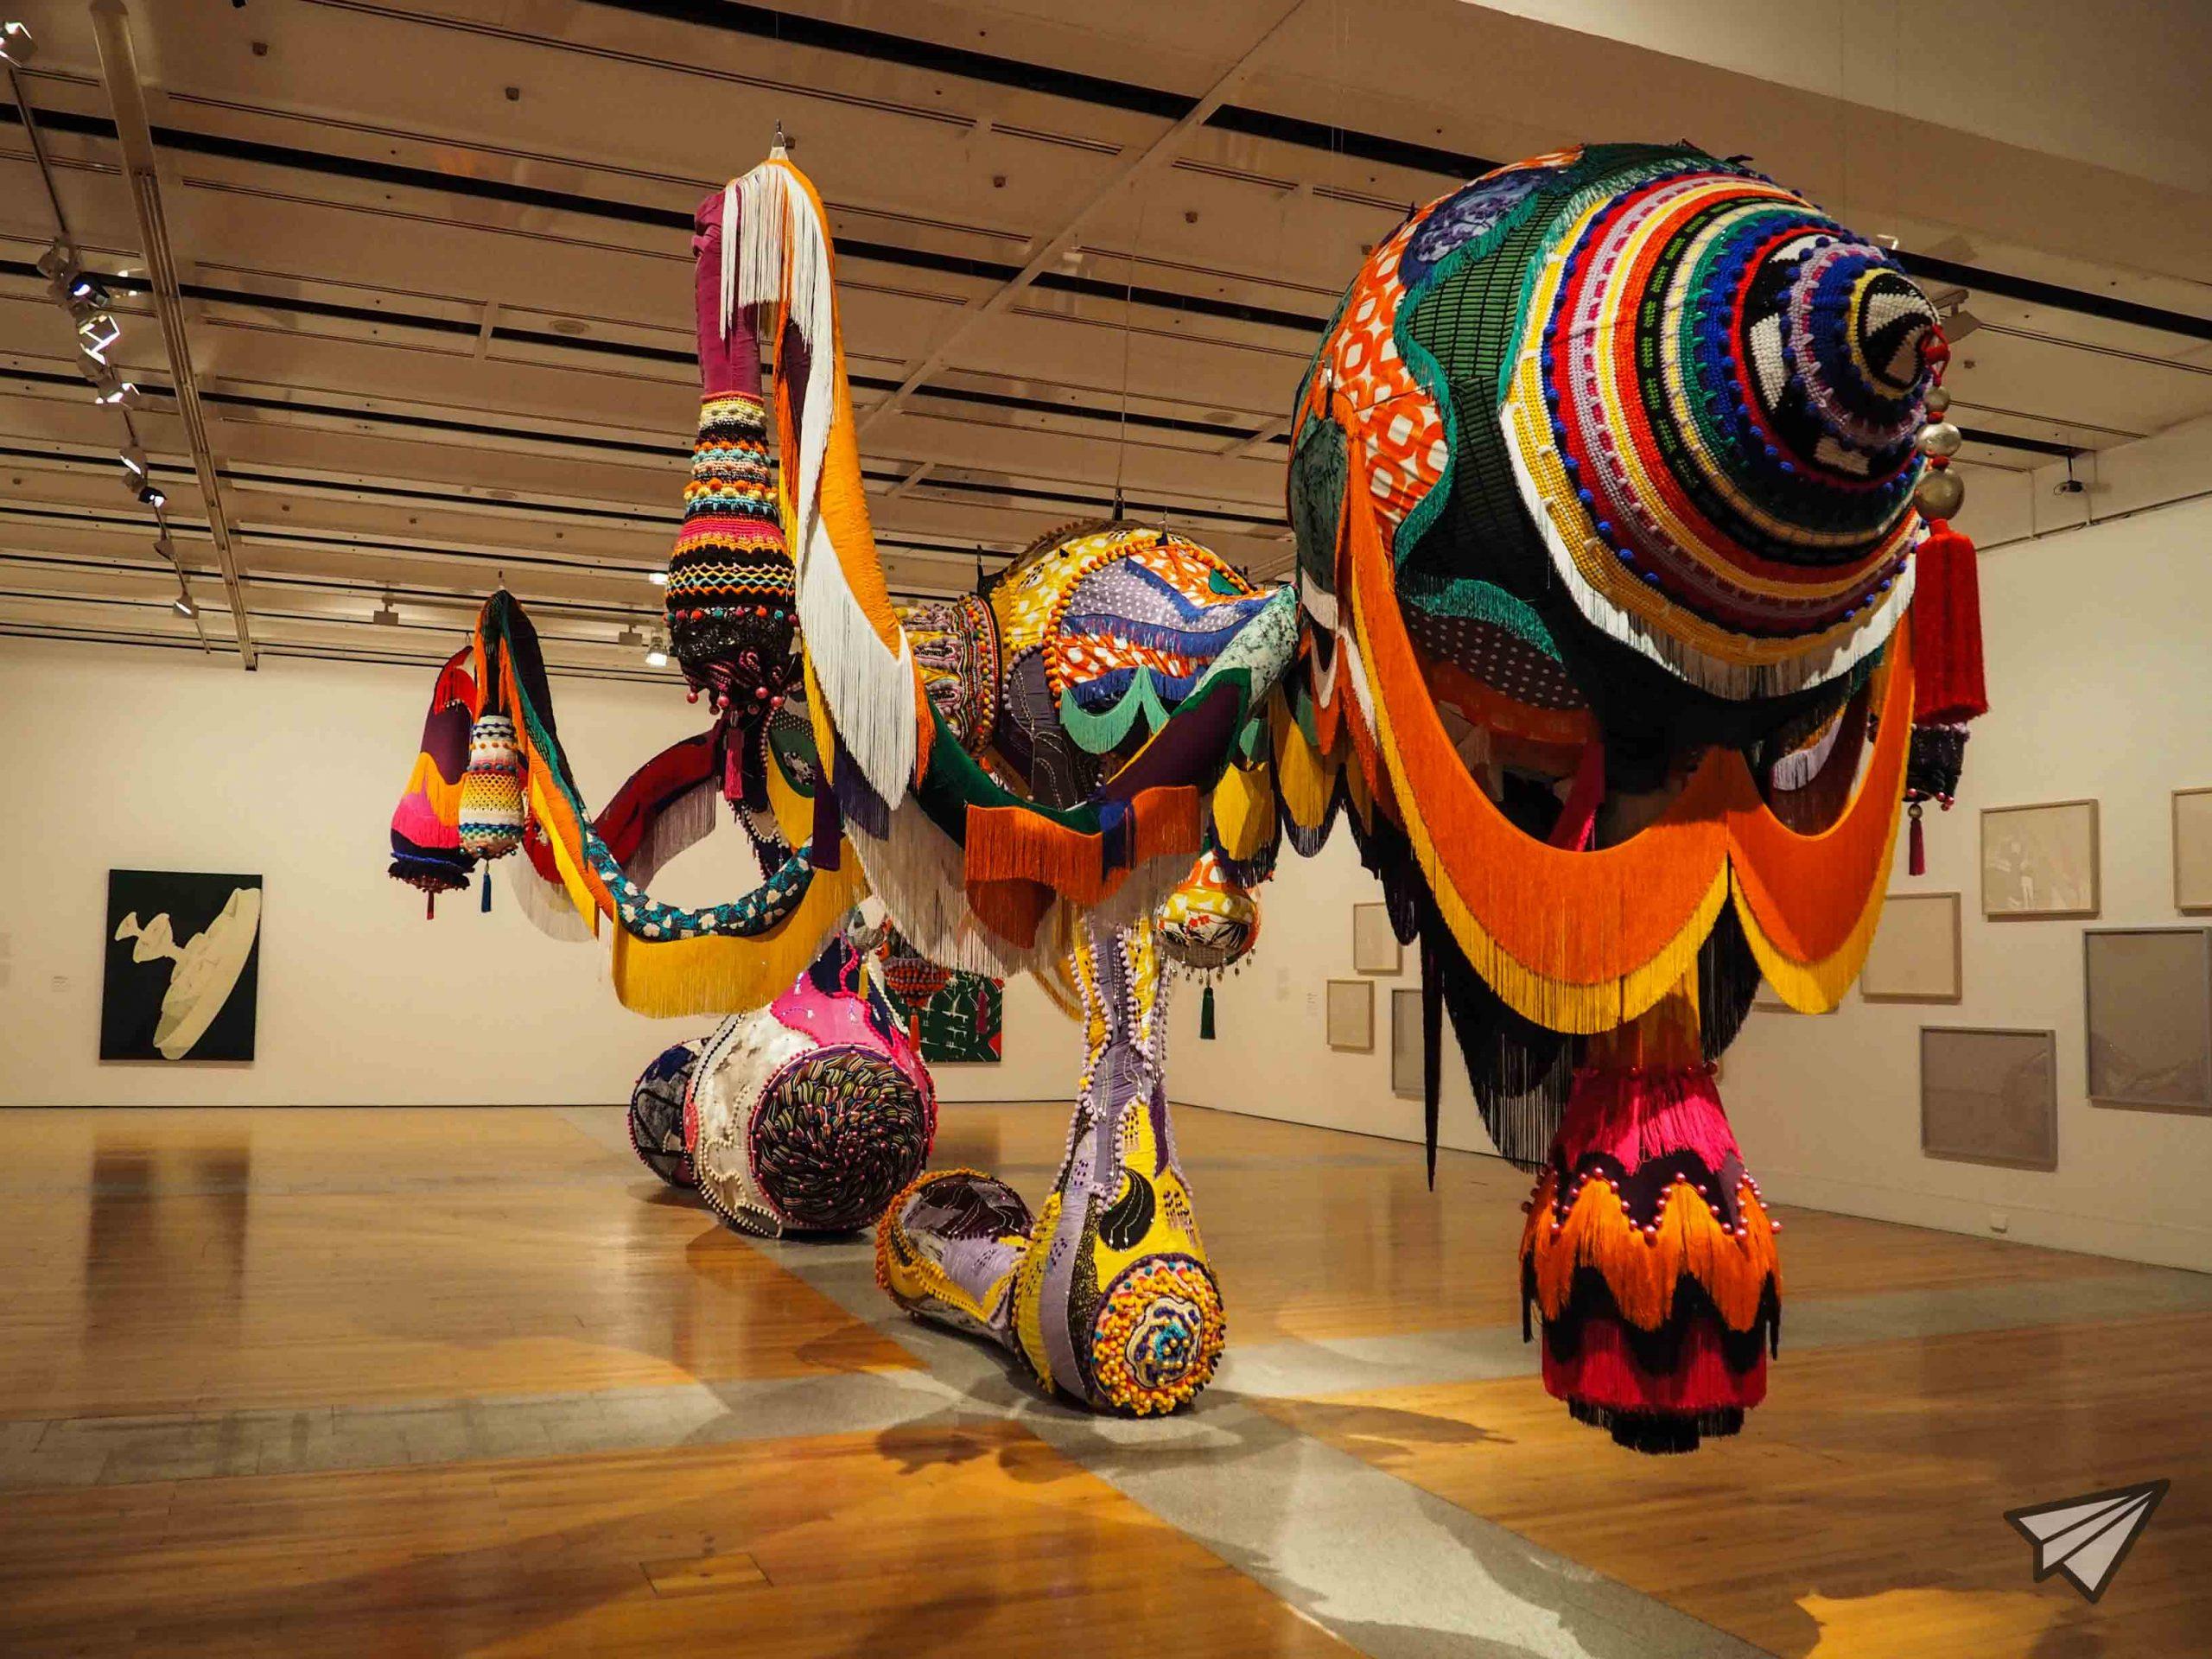 Museu Coleção Berardo instalation